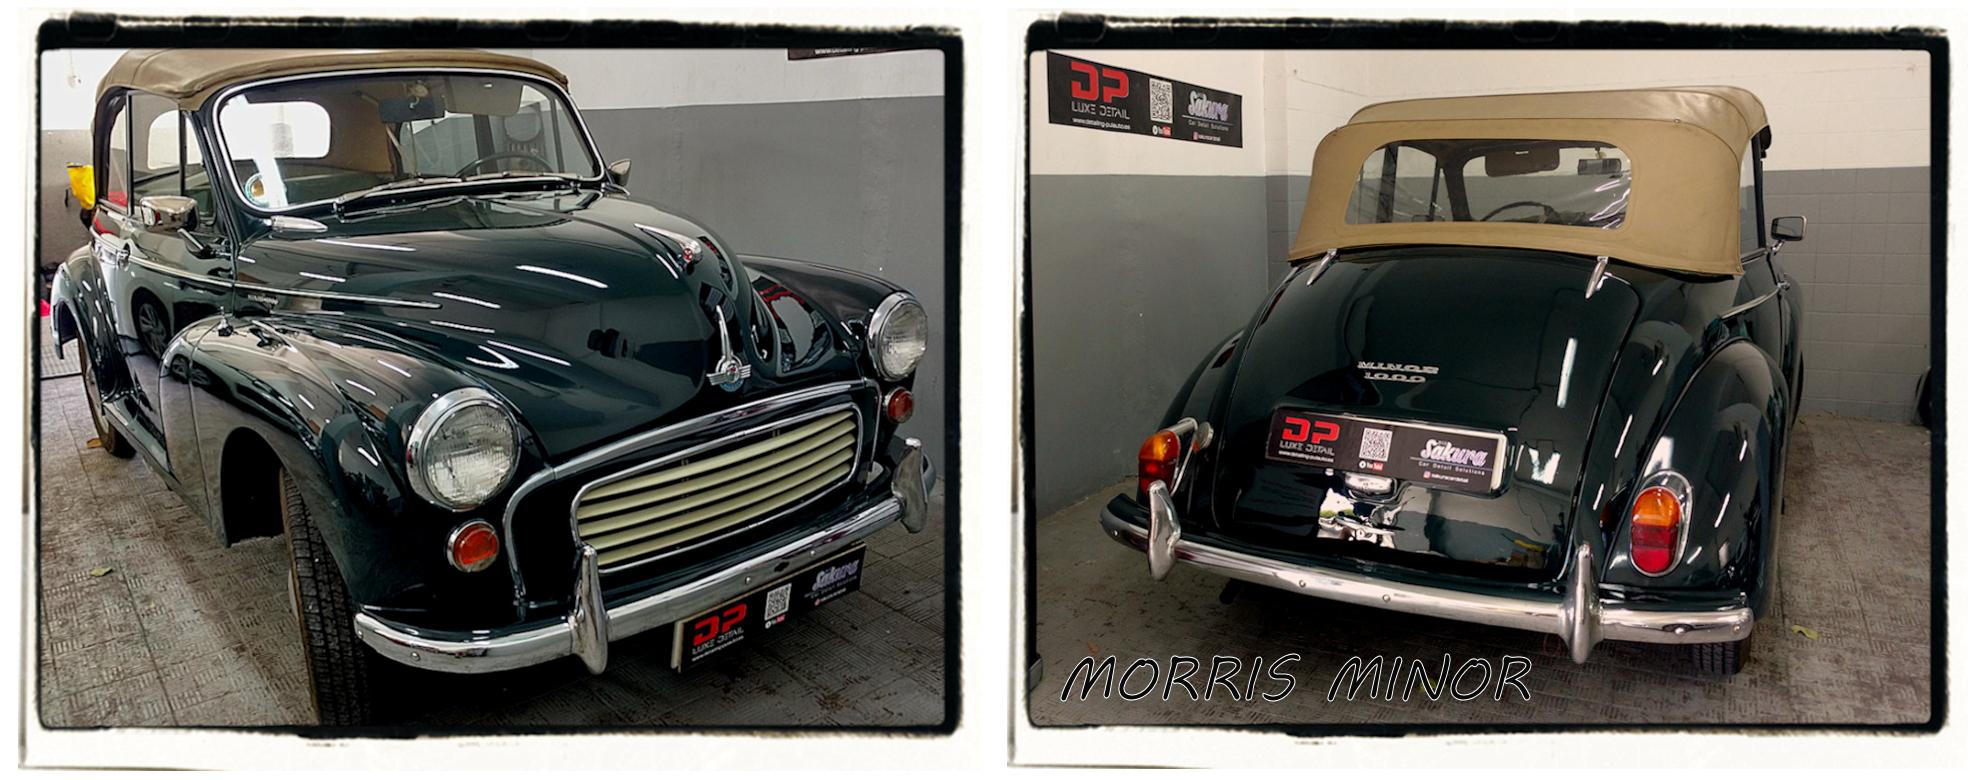 Mini clasico para restaurar renault r ts cool vendo mini - Clasico para restaurar ...